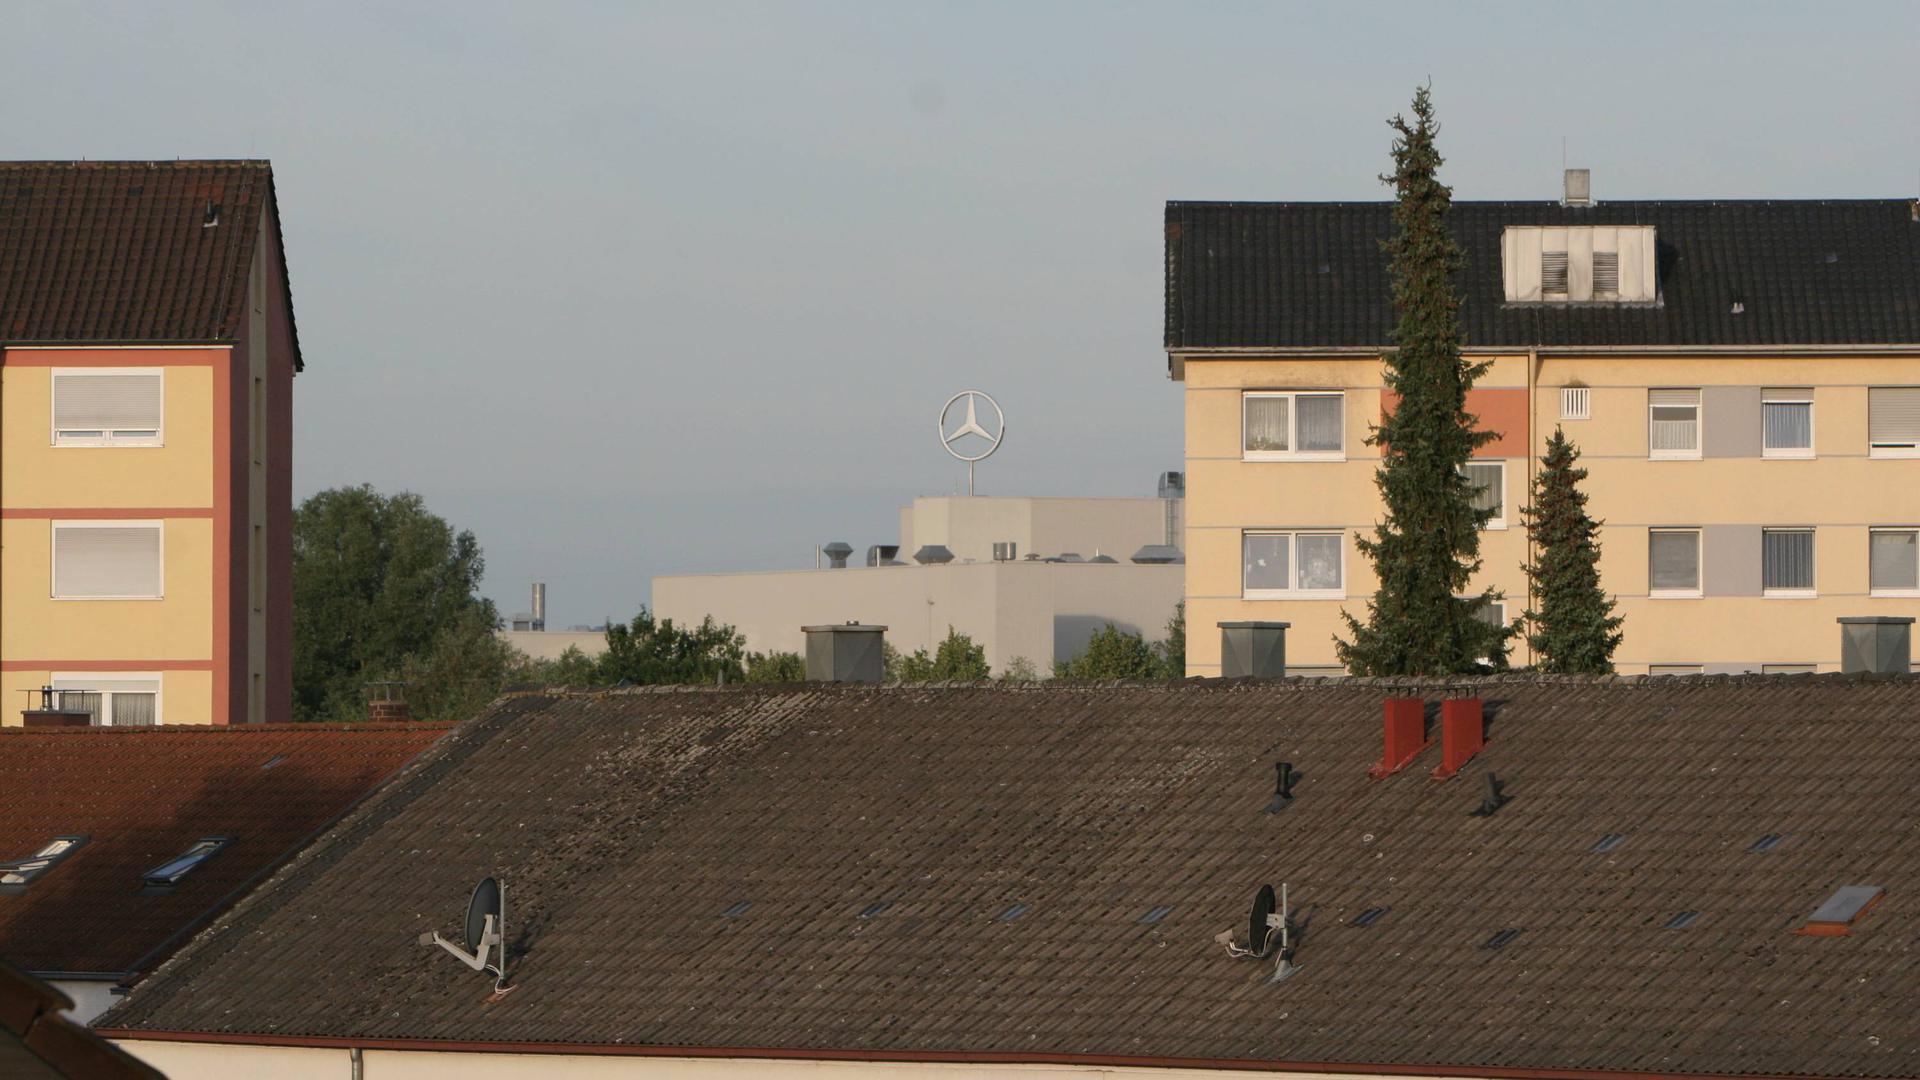 Dicht dran: Zahlreiche Wohnblocks stehen im Oberwald dicht am Rastatter Mercedeswerk.